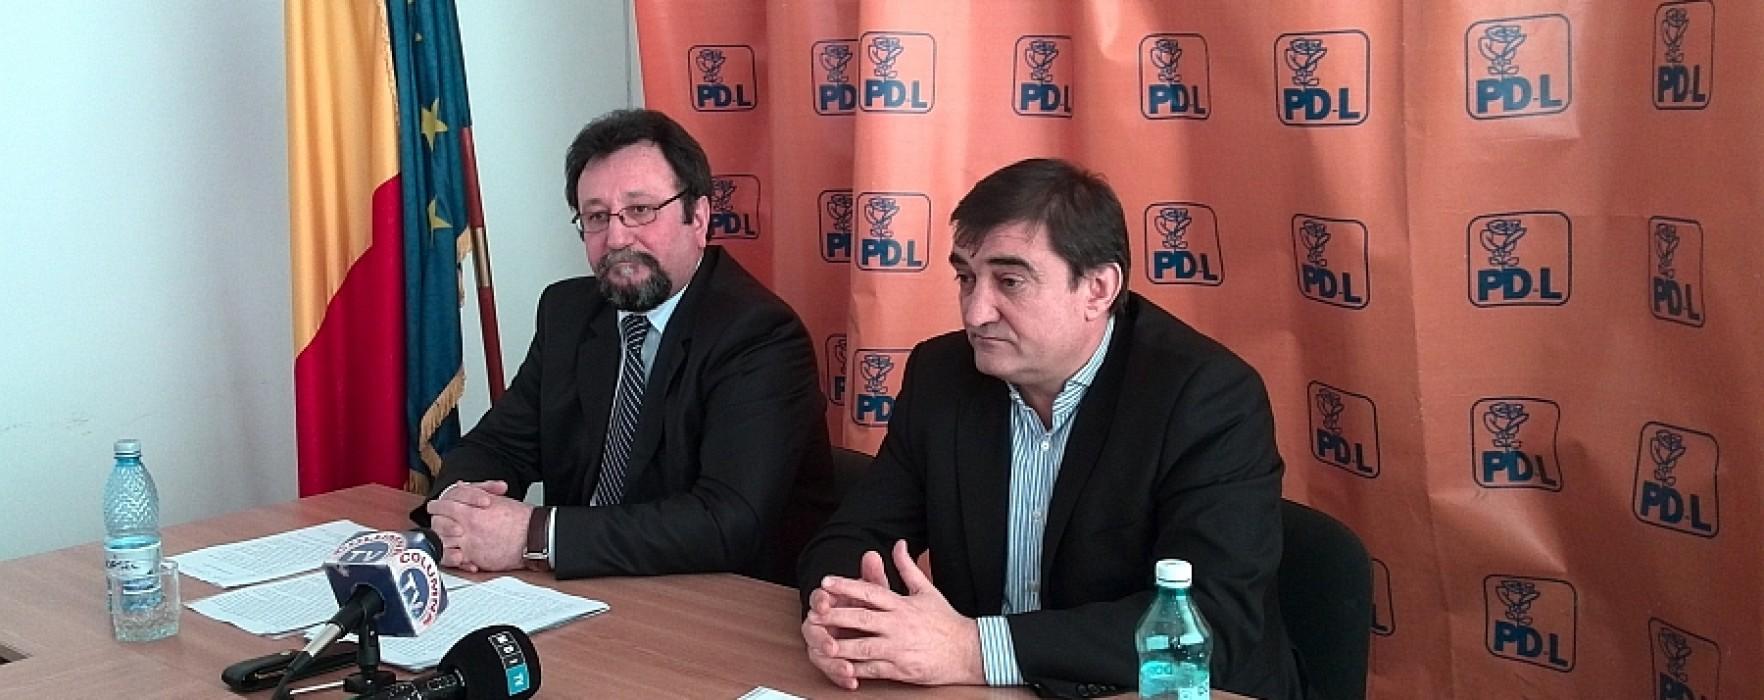 Preşedintele PDL Dâmboviţa a aflat de la presa locală cine e preşedintele PDL Fieni (audio)